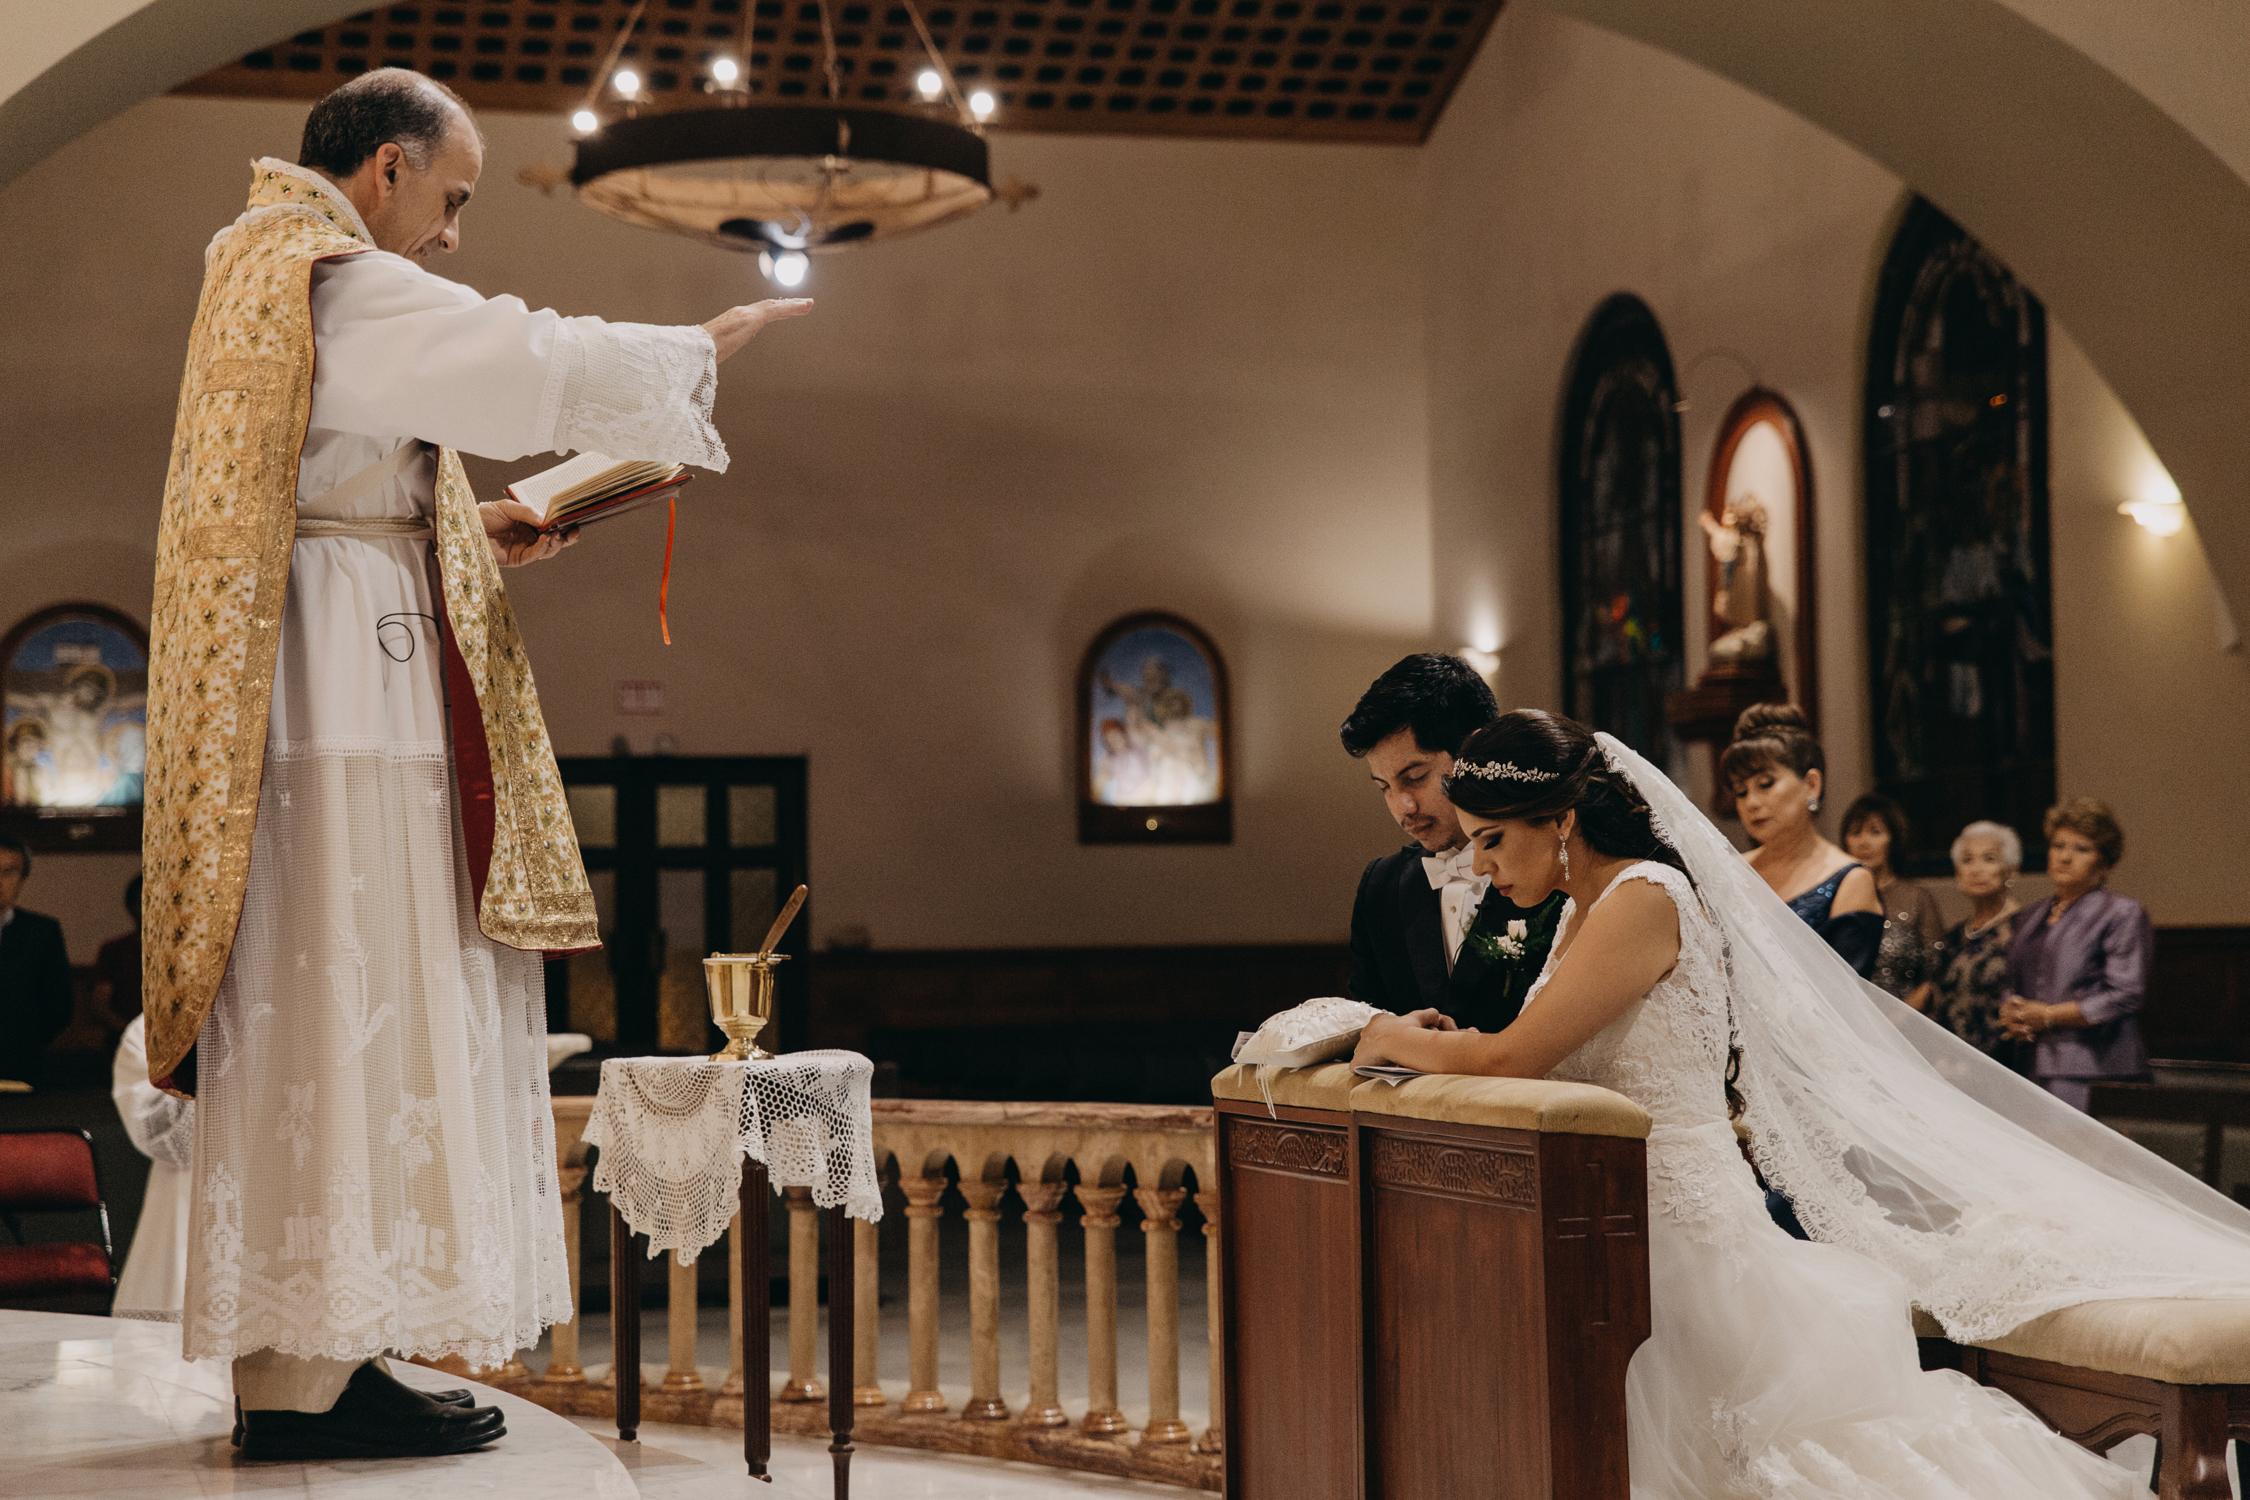 Michelle-Agurto-Fotografia-Bodas-Ecuador-Destination-Wedding-Photographer-Patricia-Guido-116.JPG